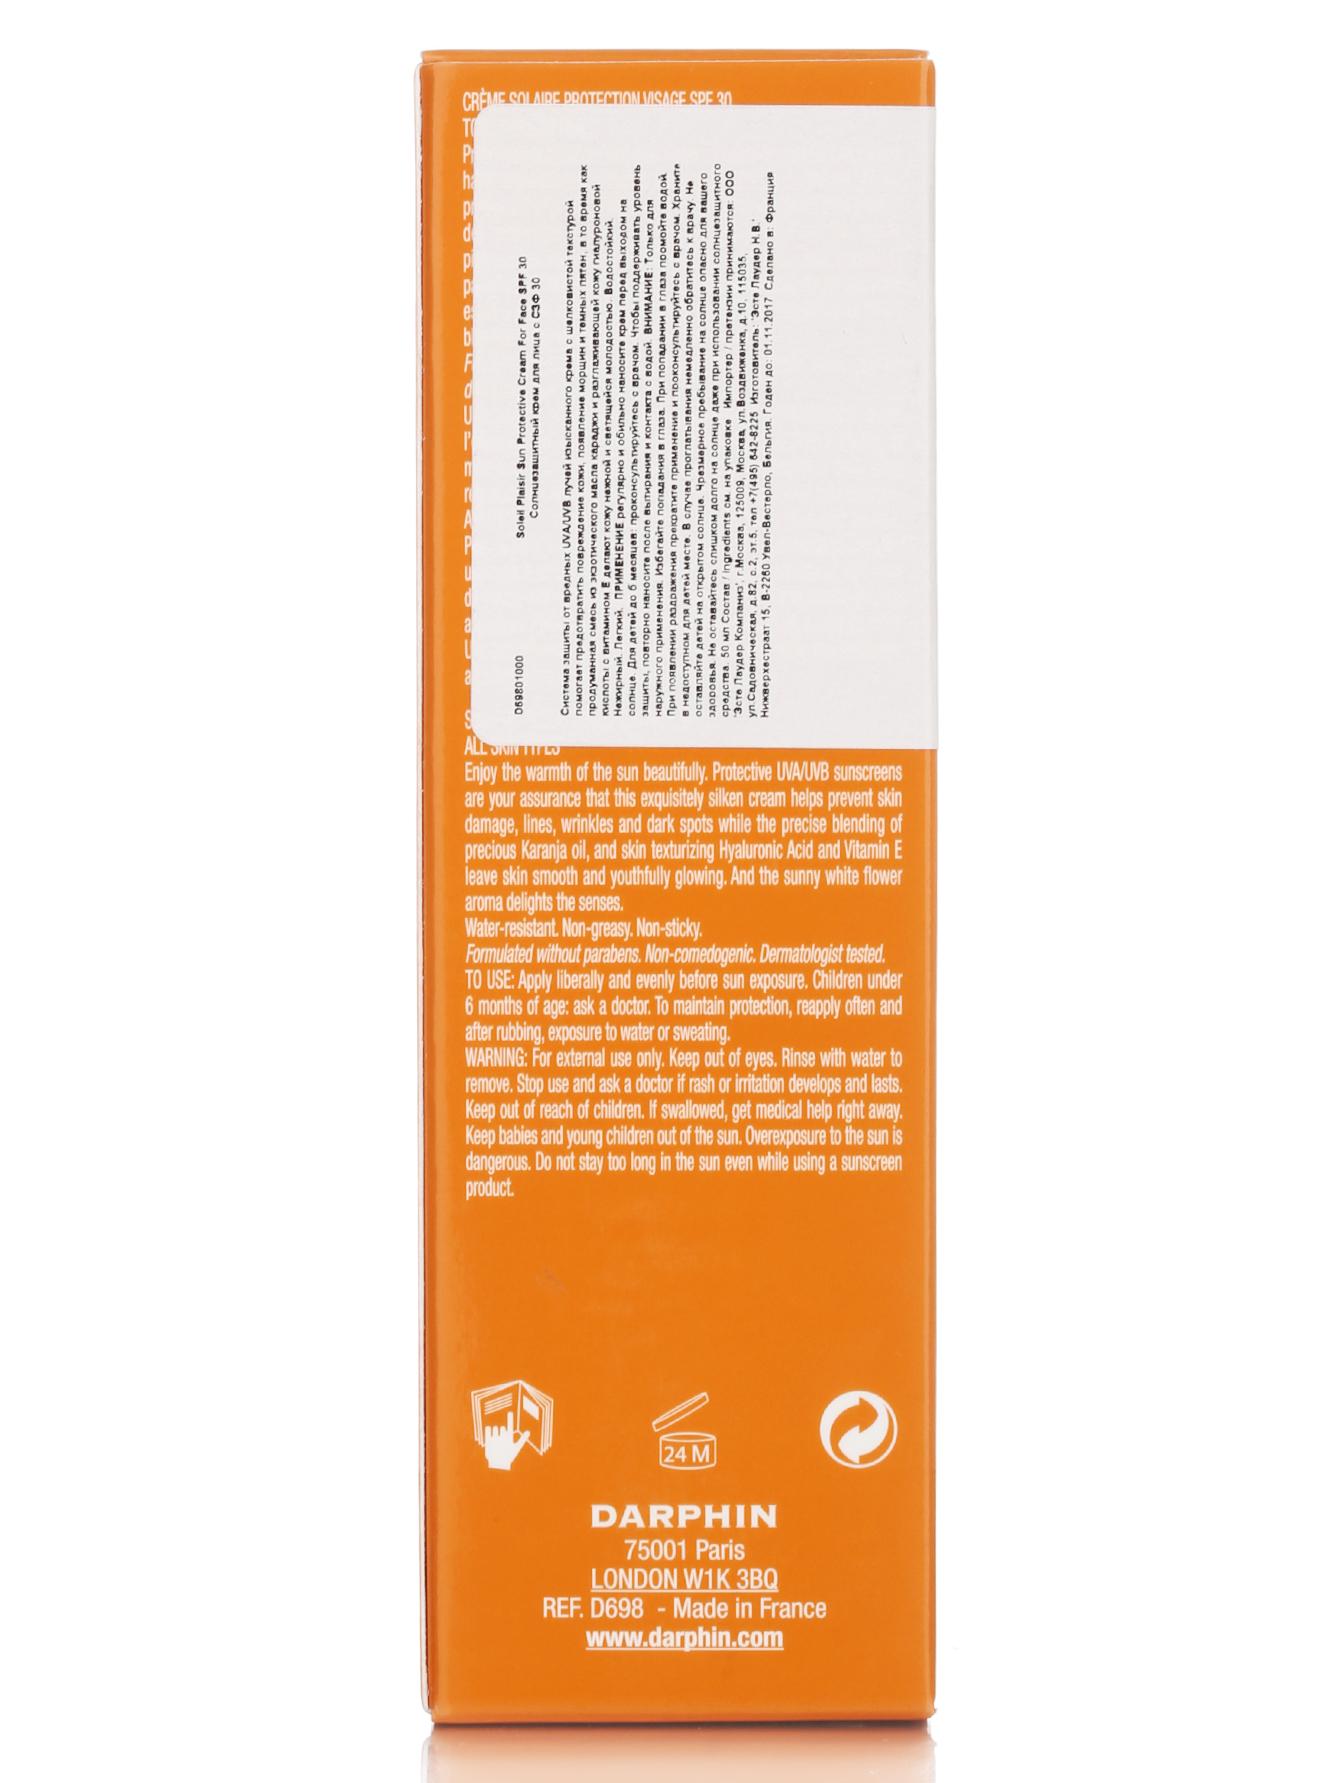 Darphin — парижская косметическая марка, предлагающая линию профессиональных средств ухода за кожей, основанных на гармоничном сочетании растений и чистых эфирных масел.